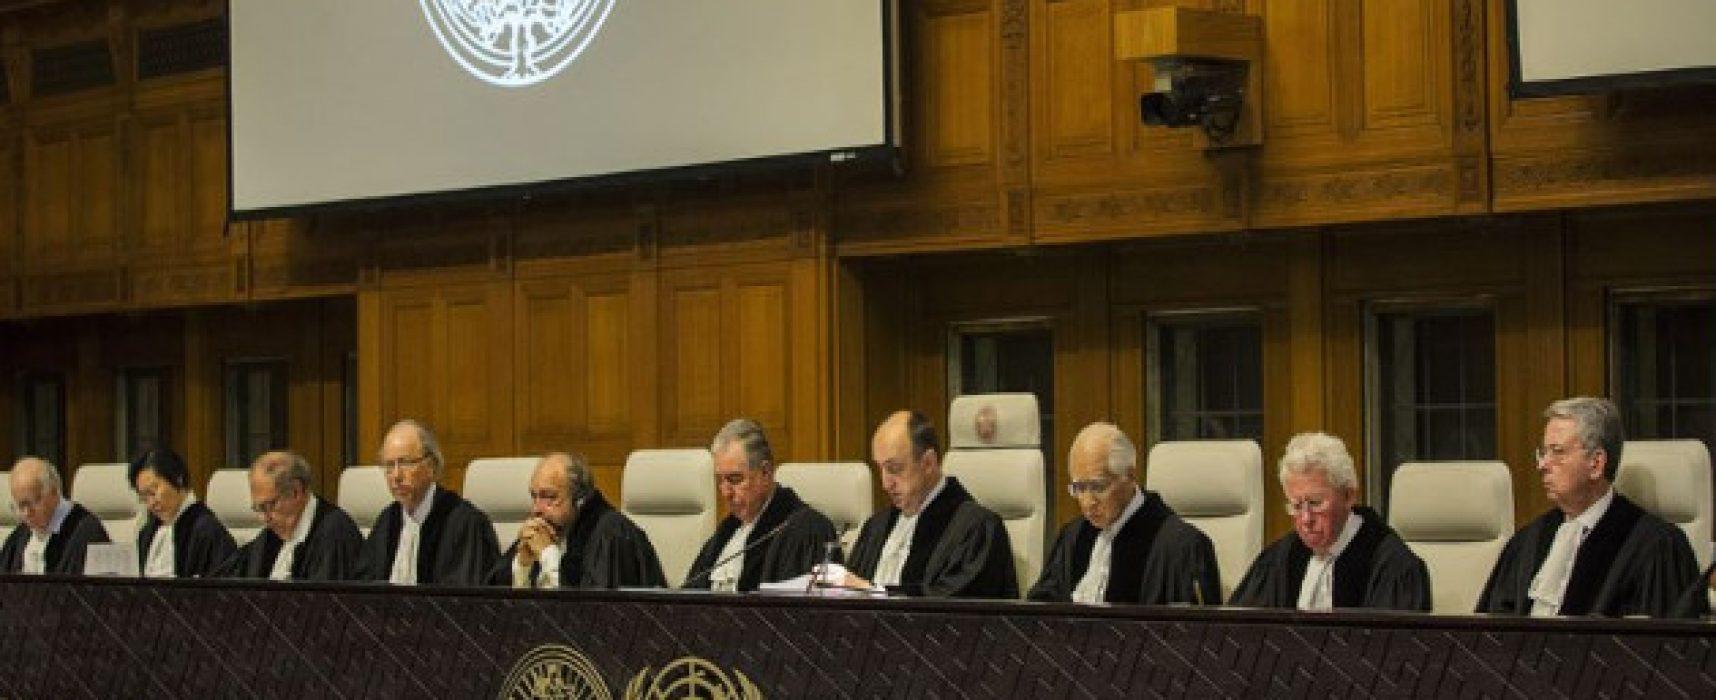 Трибуналът в Хага публикува резултатите от предварителното разследване на събитията в Украйна